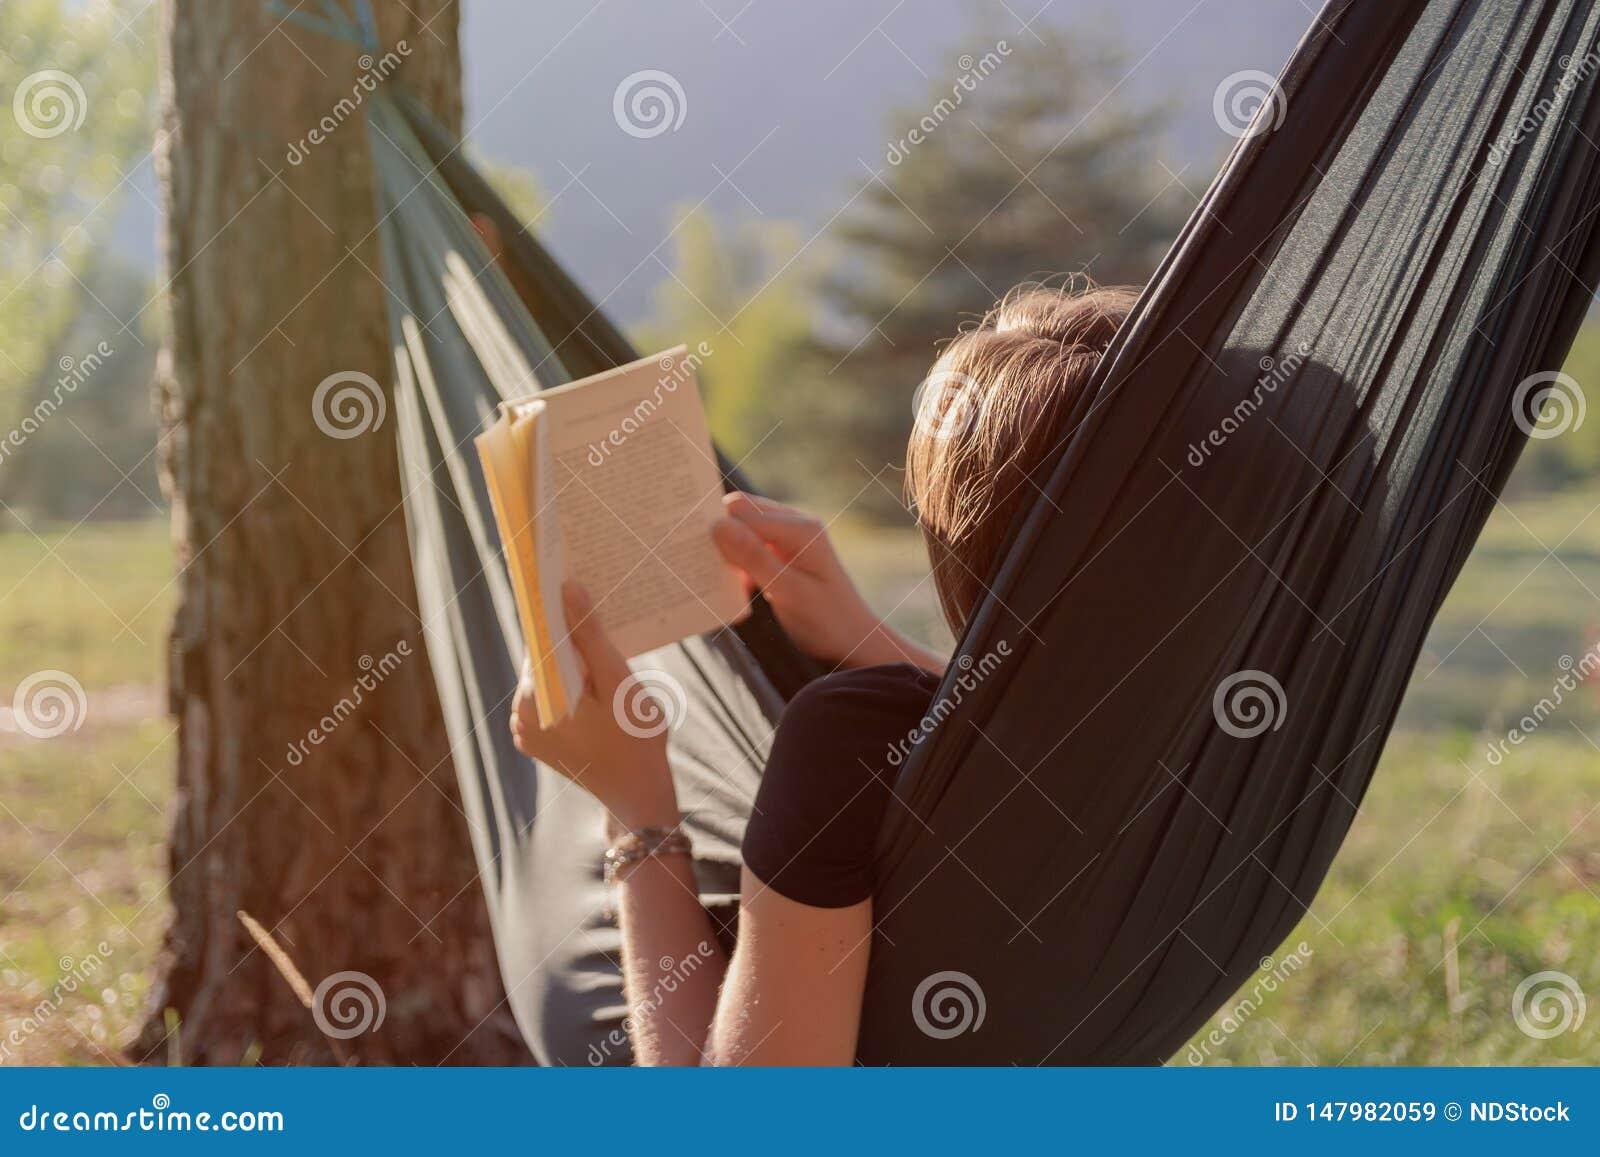 Νέα γυναίκα που διαβάζει ένα βιβλίο σε μια αιώρα κατά τη διάρκεια του ηλιοβασιλέματος